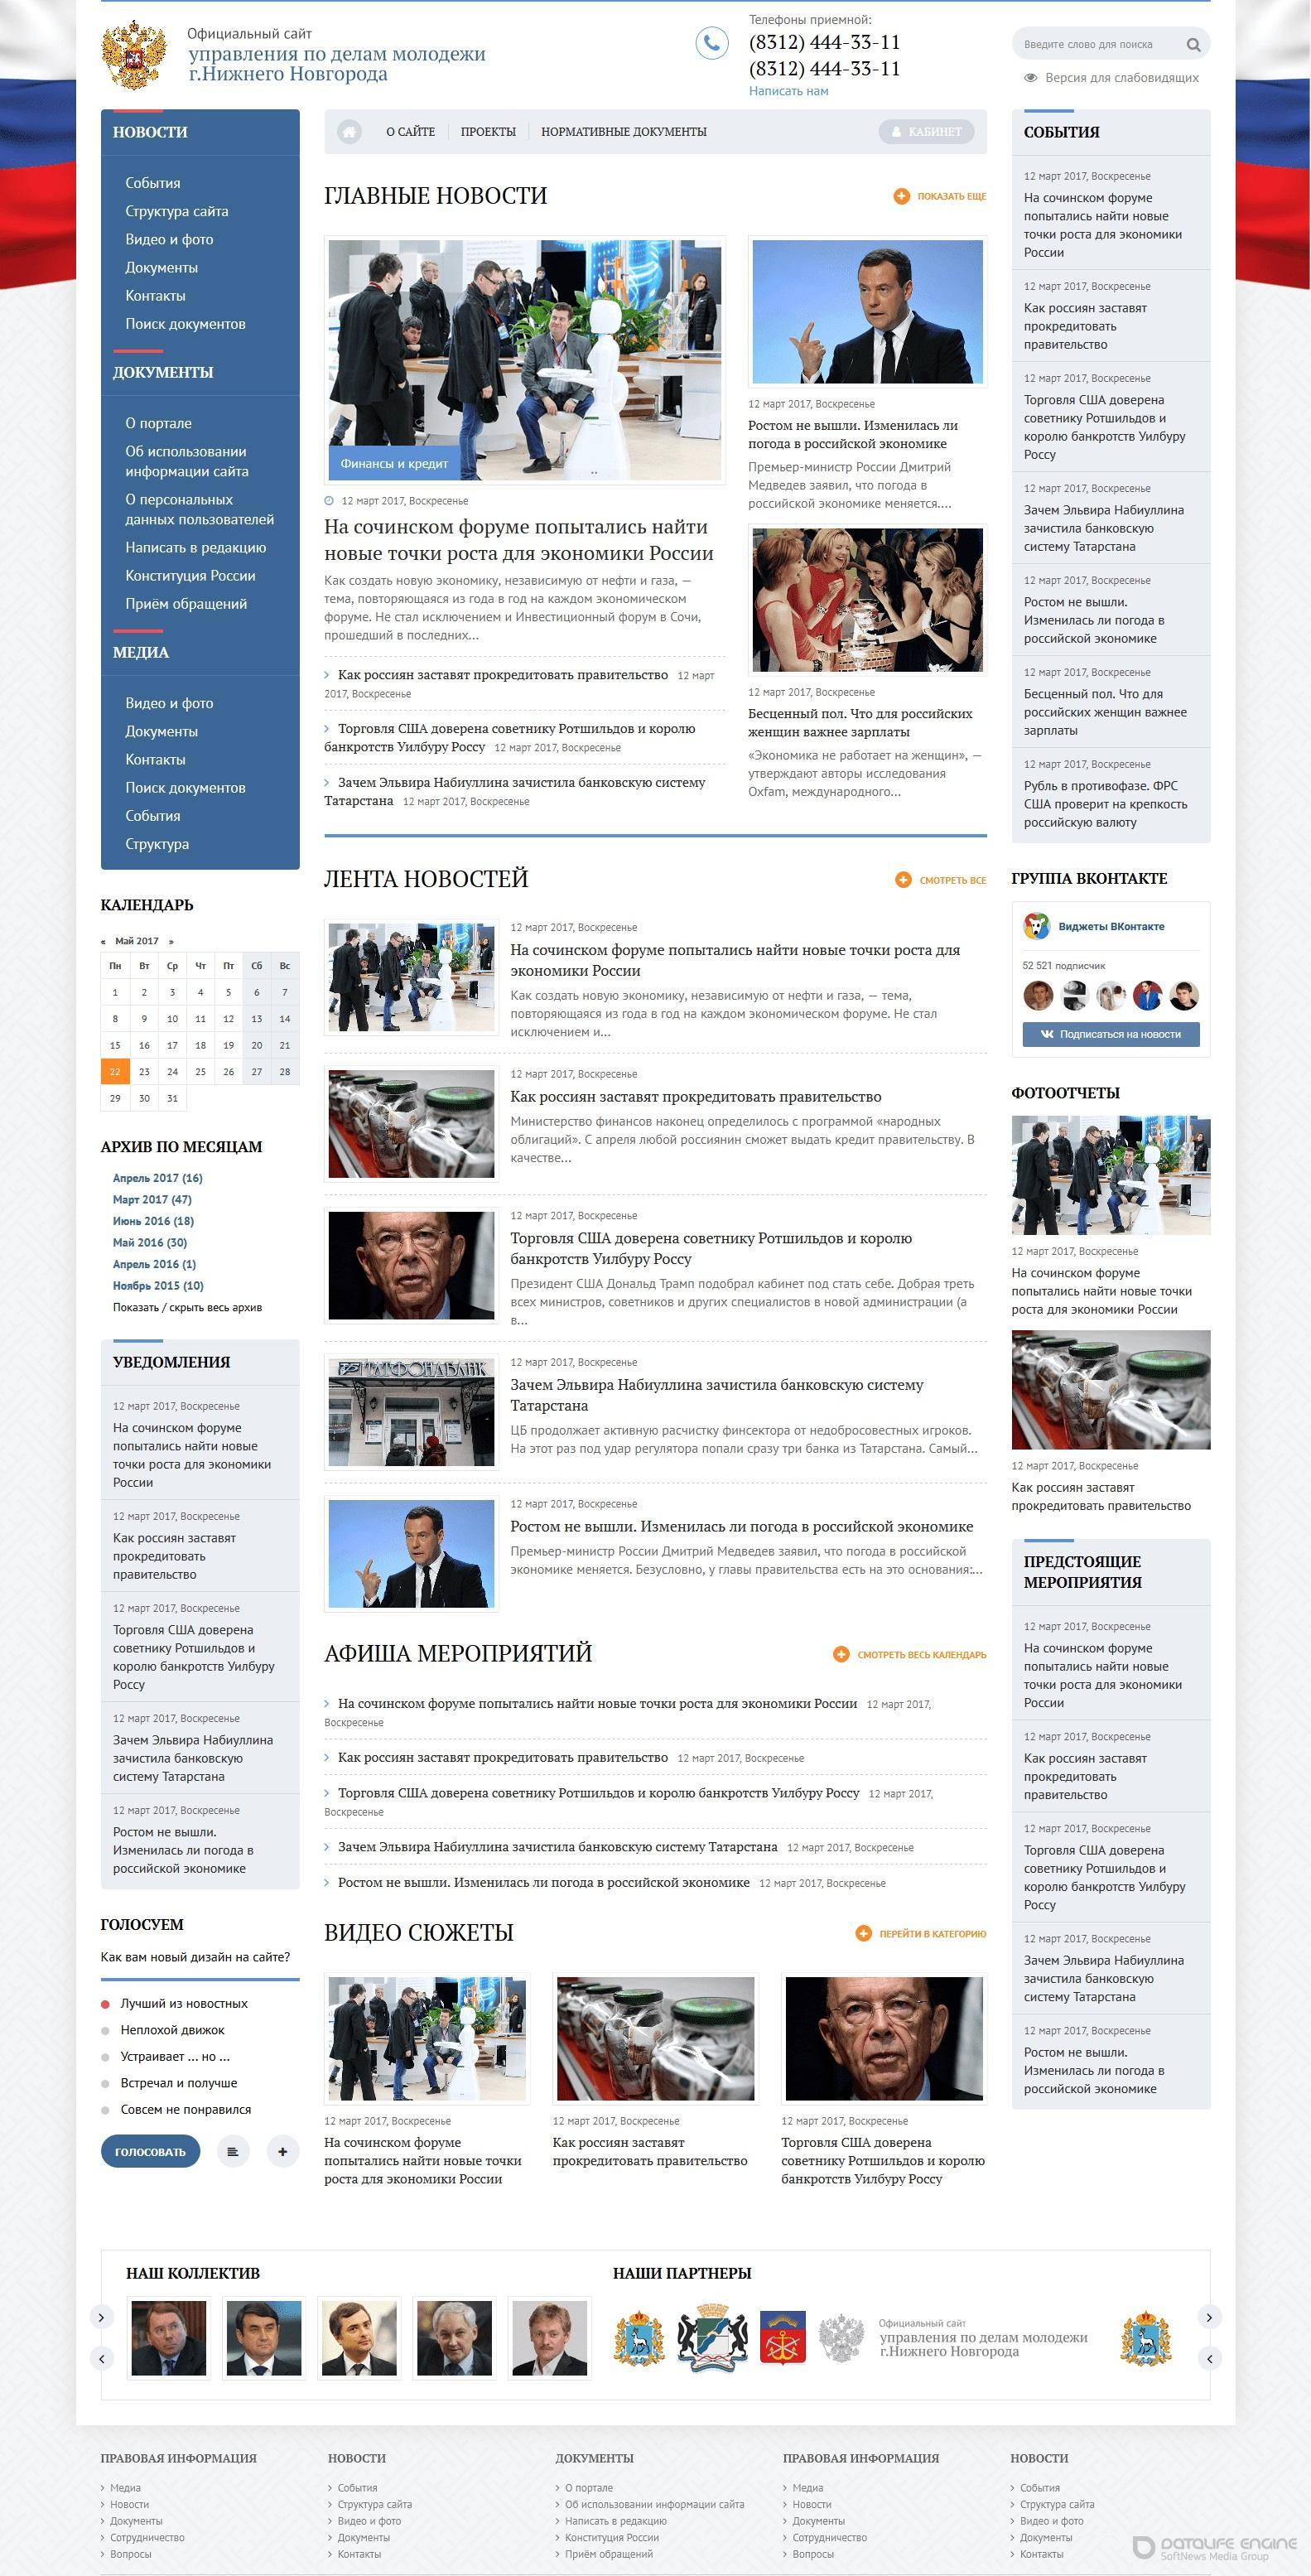 Шаблон муниципальных сайтов для Dle